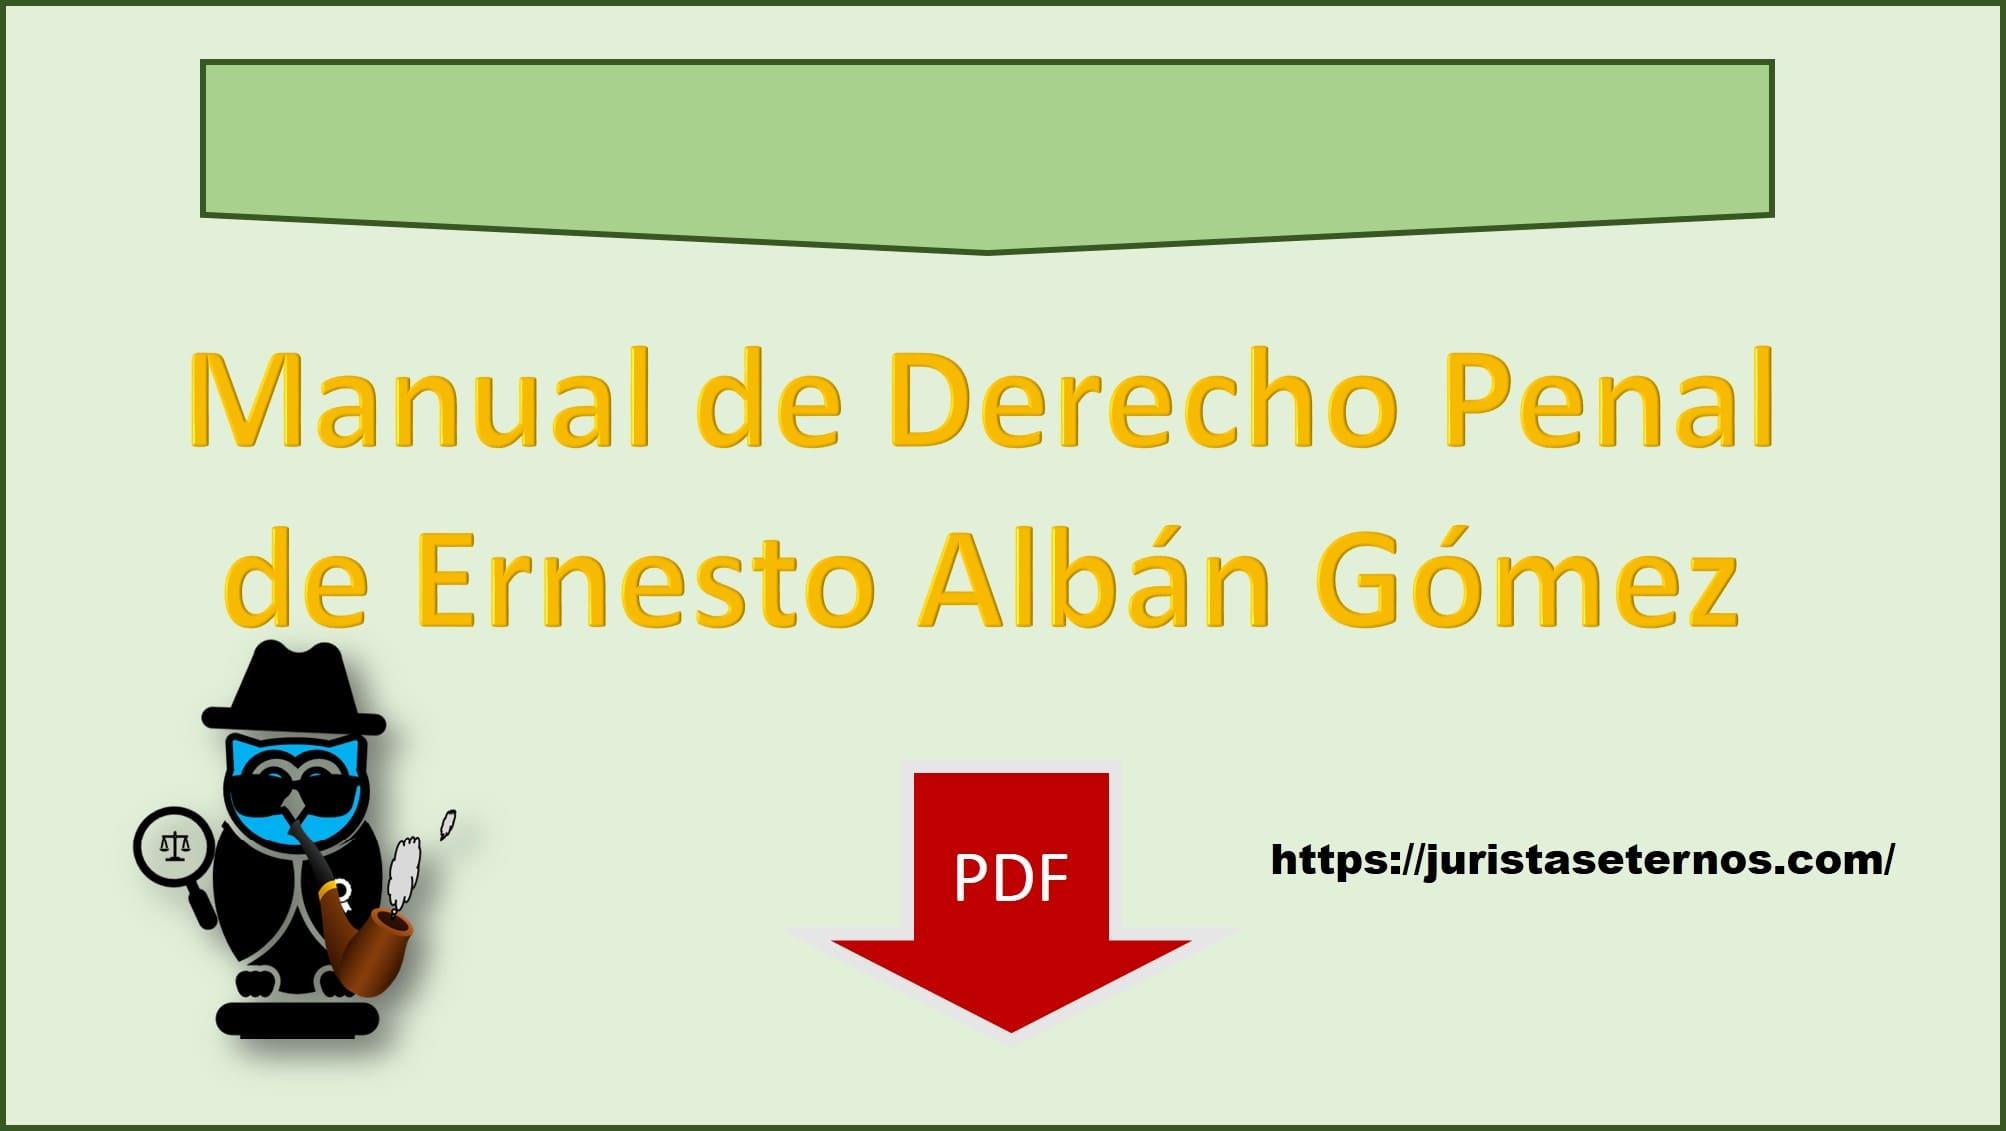 manual de derecho penal ernesto alban gomez